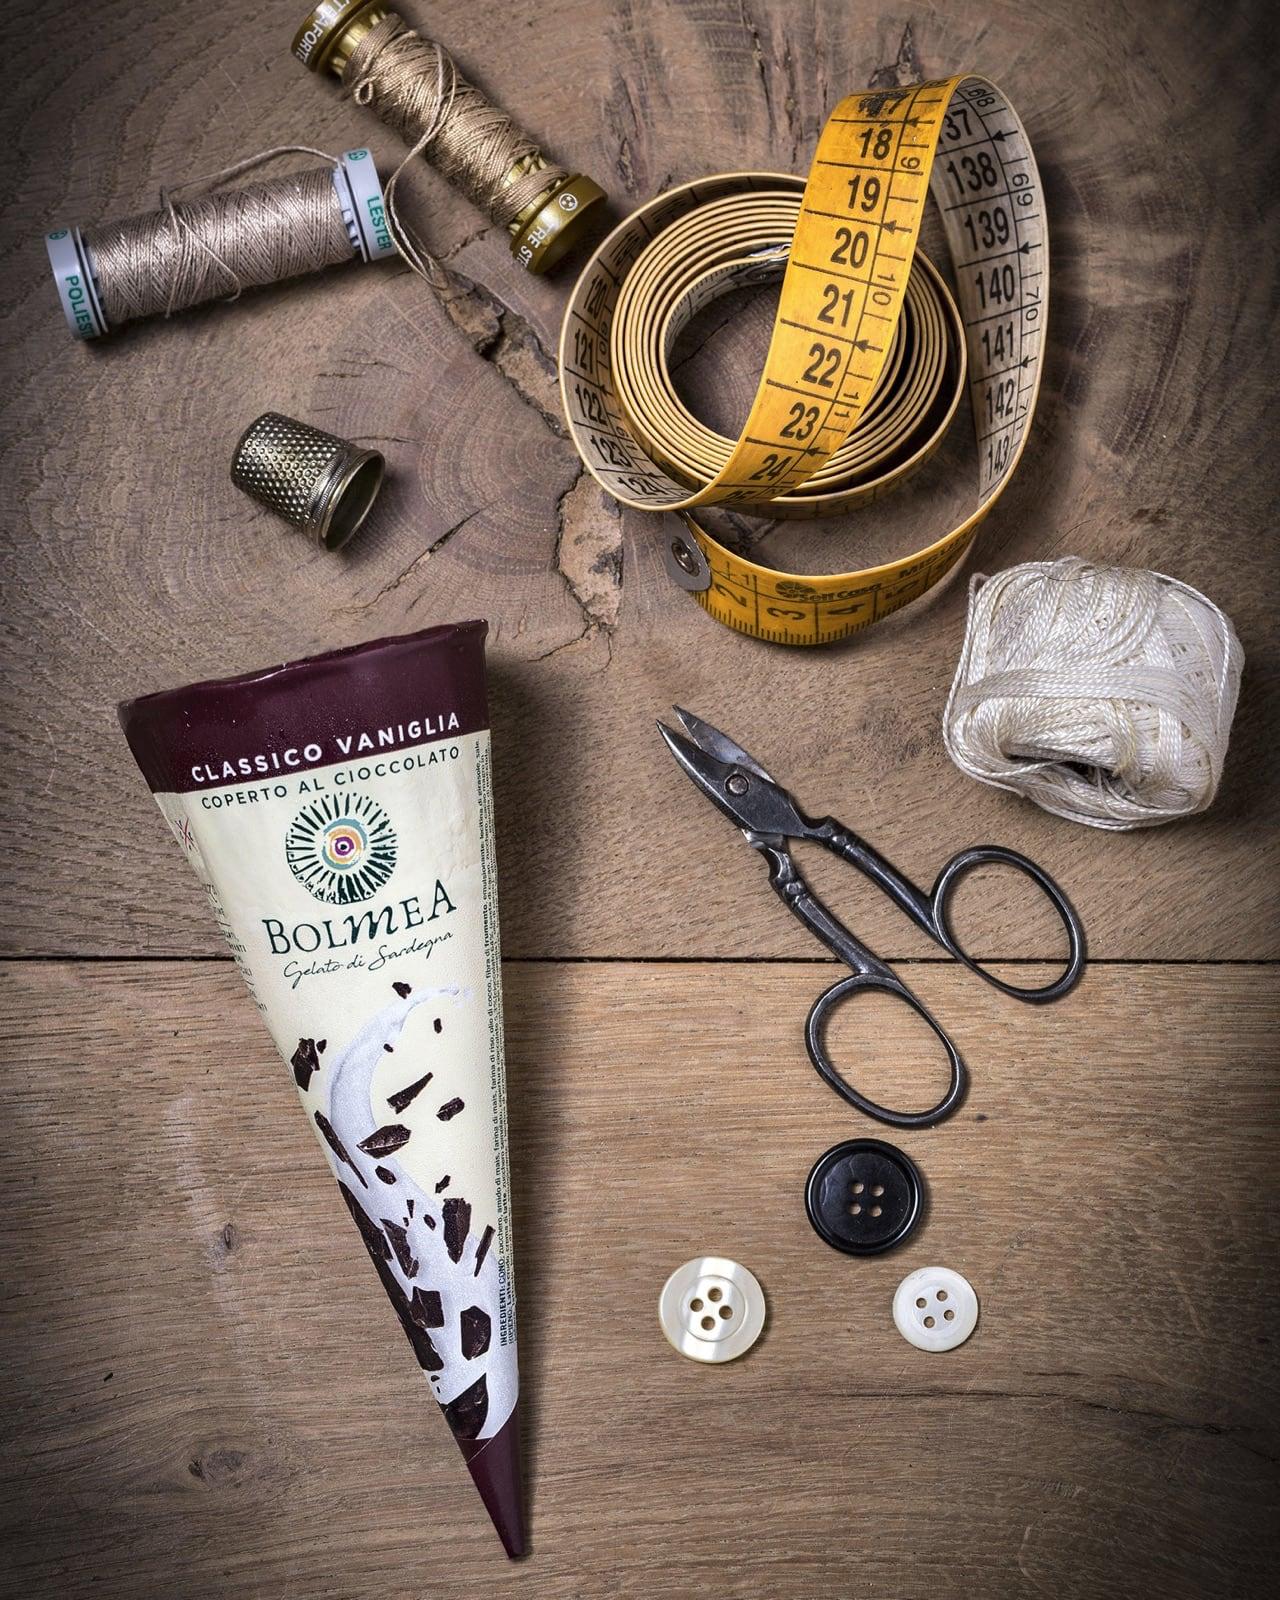 un cornetto Bolmea alla vaniglia e cioccolato su un tavolo vicino ad attrezzi da sarto: fili, un metro flessibile e dei bottoni